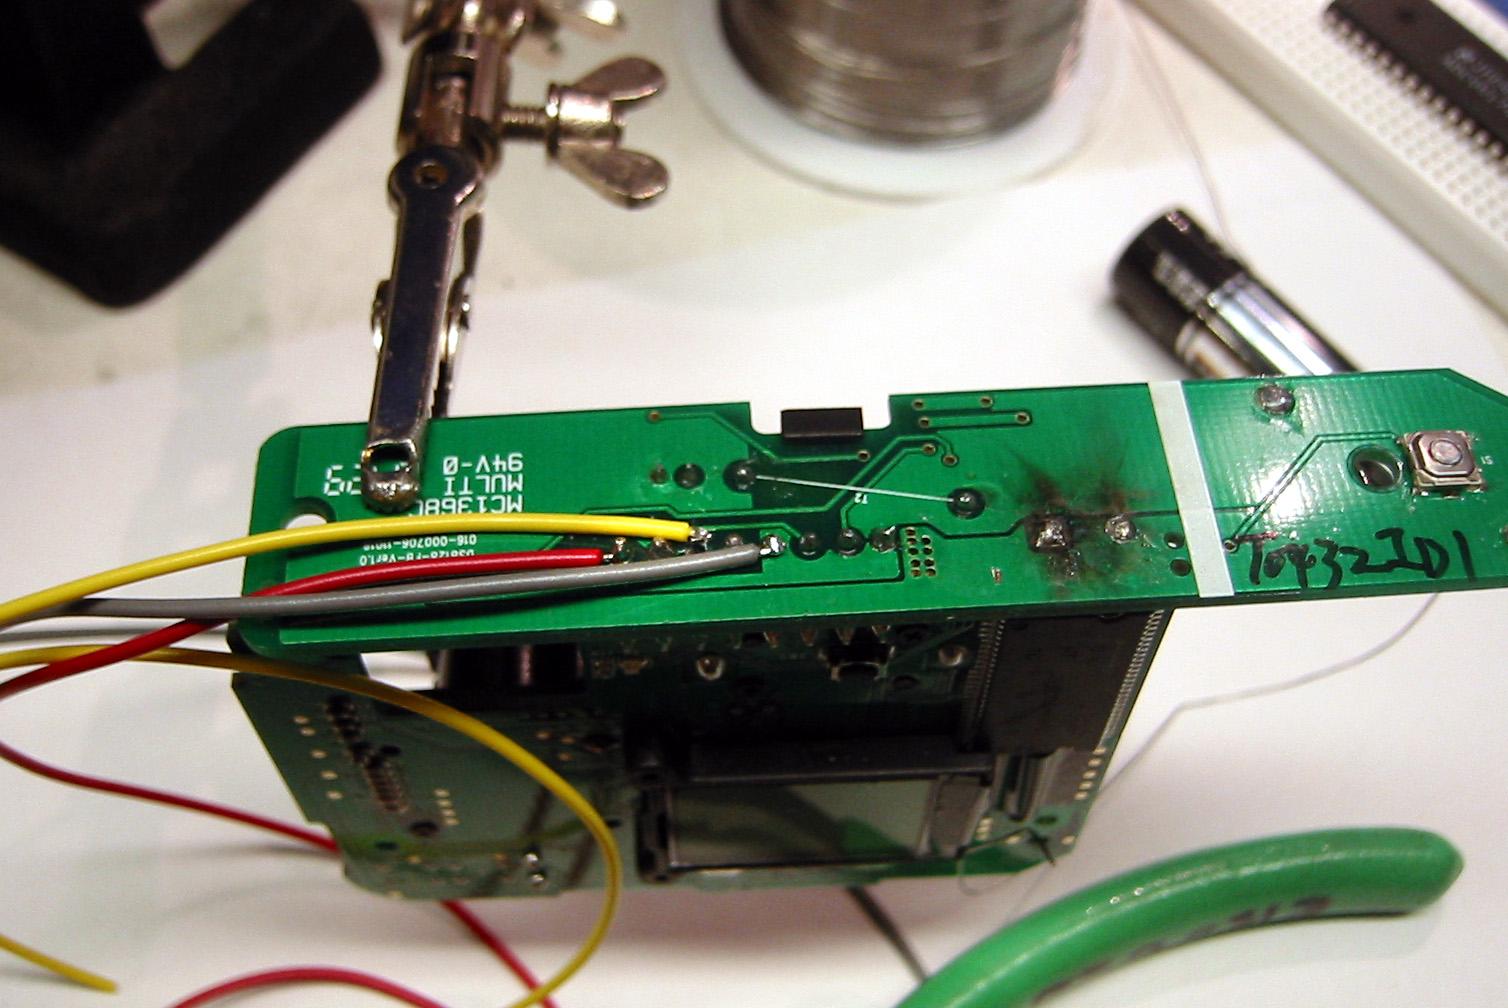 tools_wires.jpg